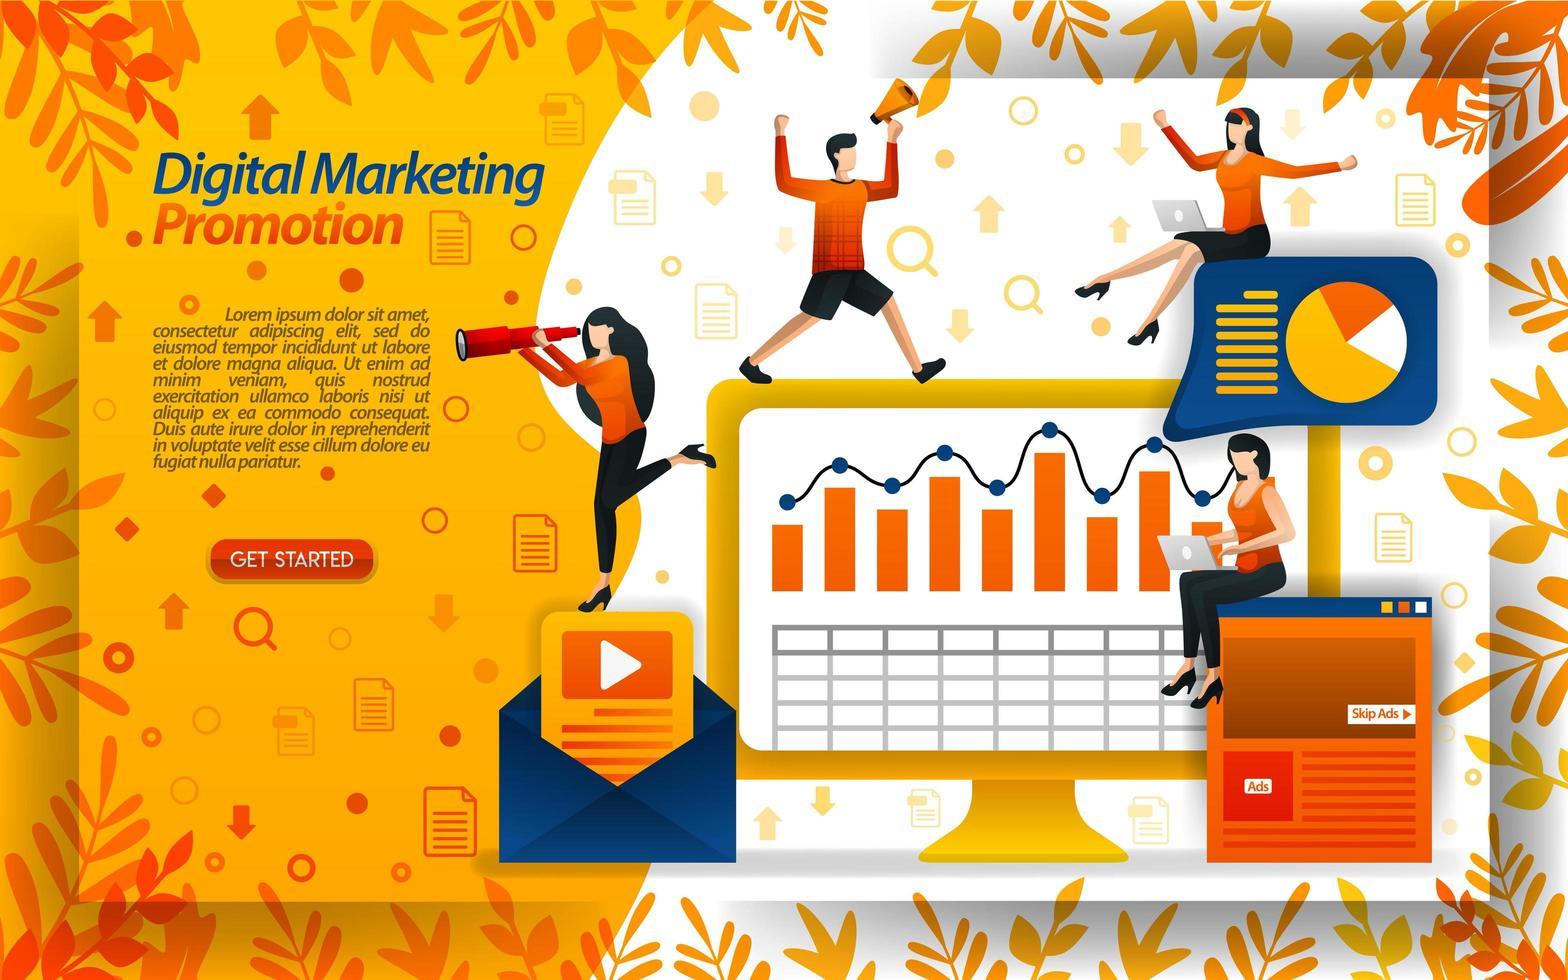 verkoop verhogen met digitale marketingvideo's, online promoties, e-mailnieuwsbrieven, concept vector ilustration. kan gebruiken voor bestemmingspagina, sjabloon, ui, web, mobiele app, poster, banner, flyer, website